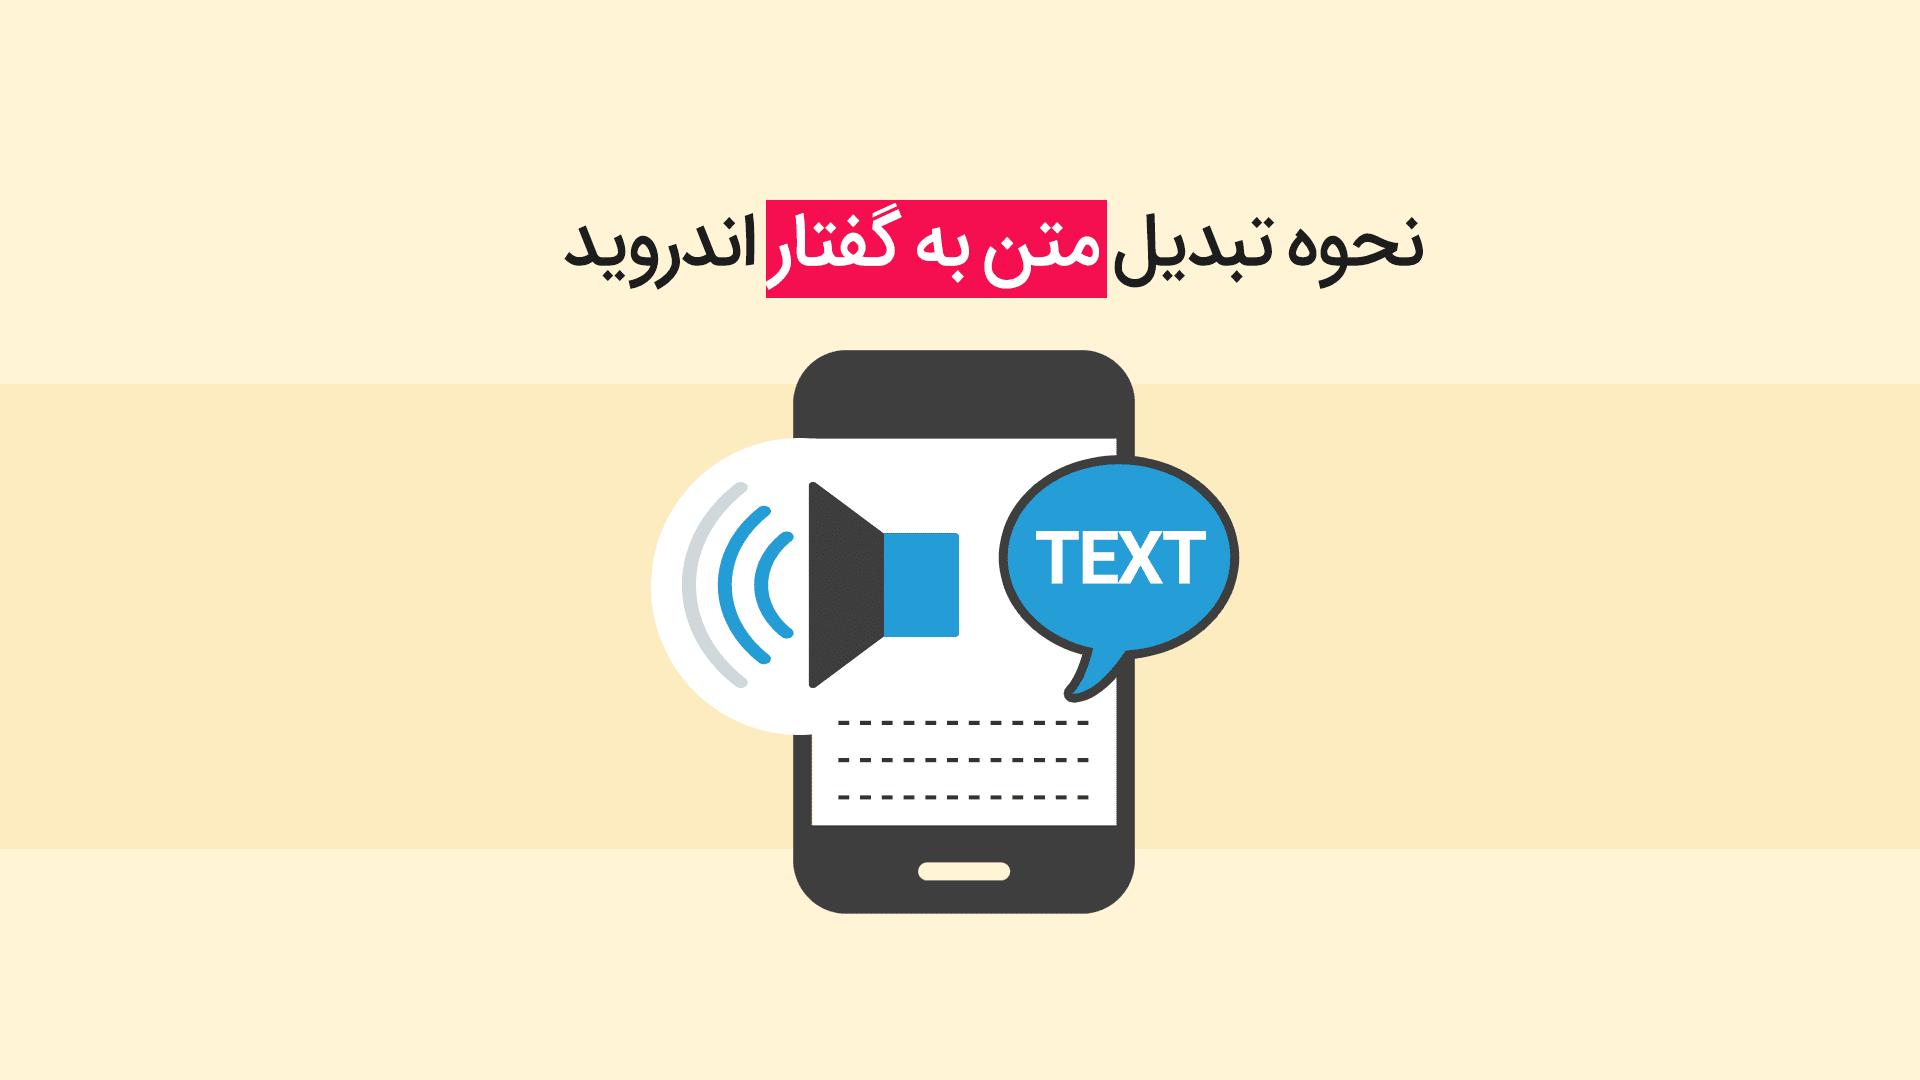 تبدیل متن به گفتار در اندروید  تبدیل نوشتار به گفتار با استفاده از موتور SDK اندروید